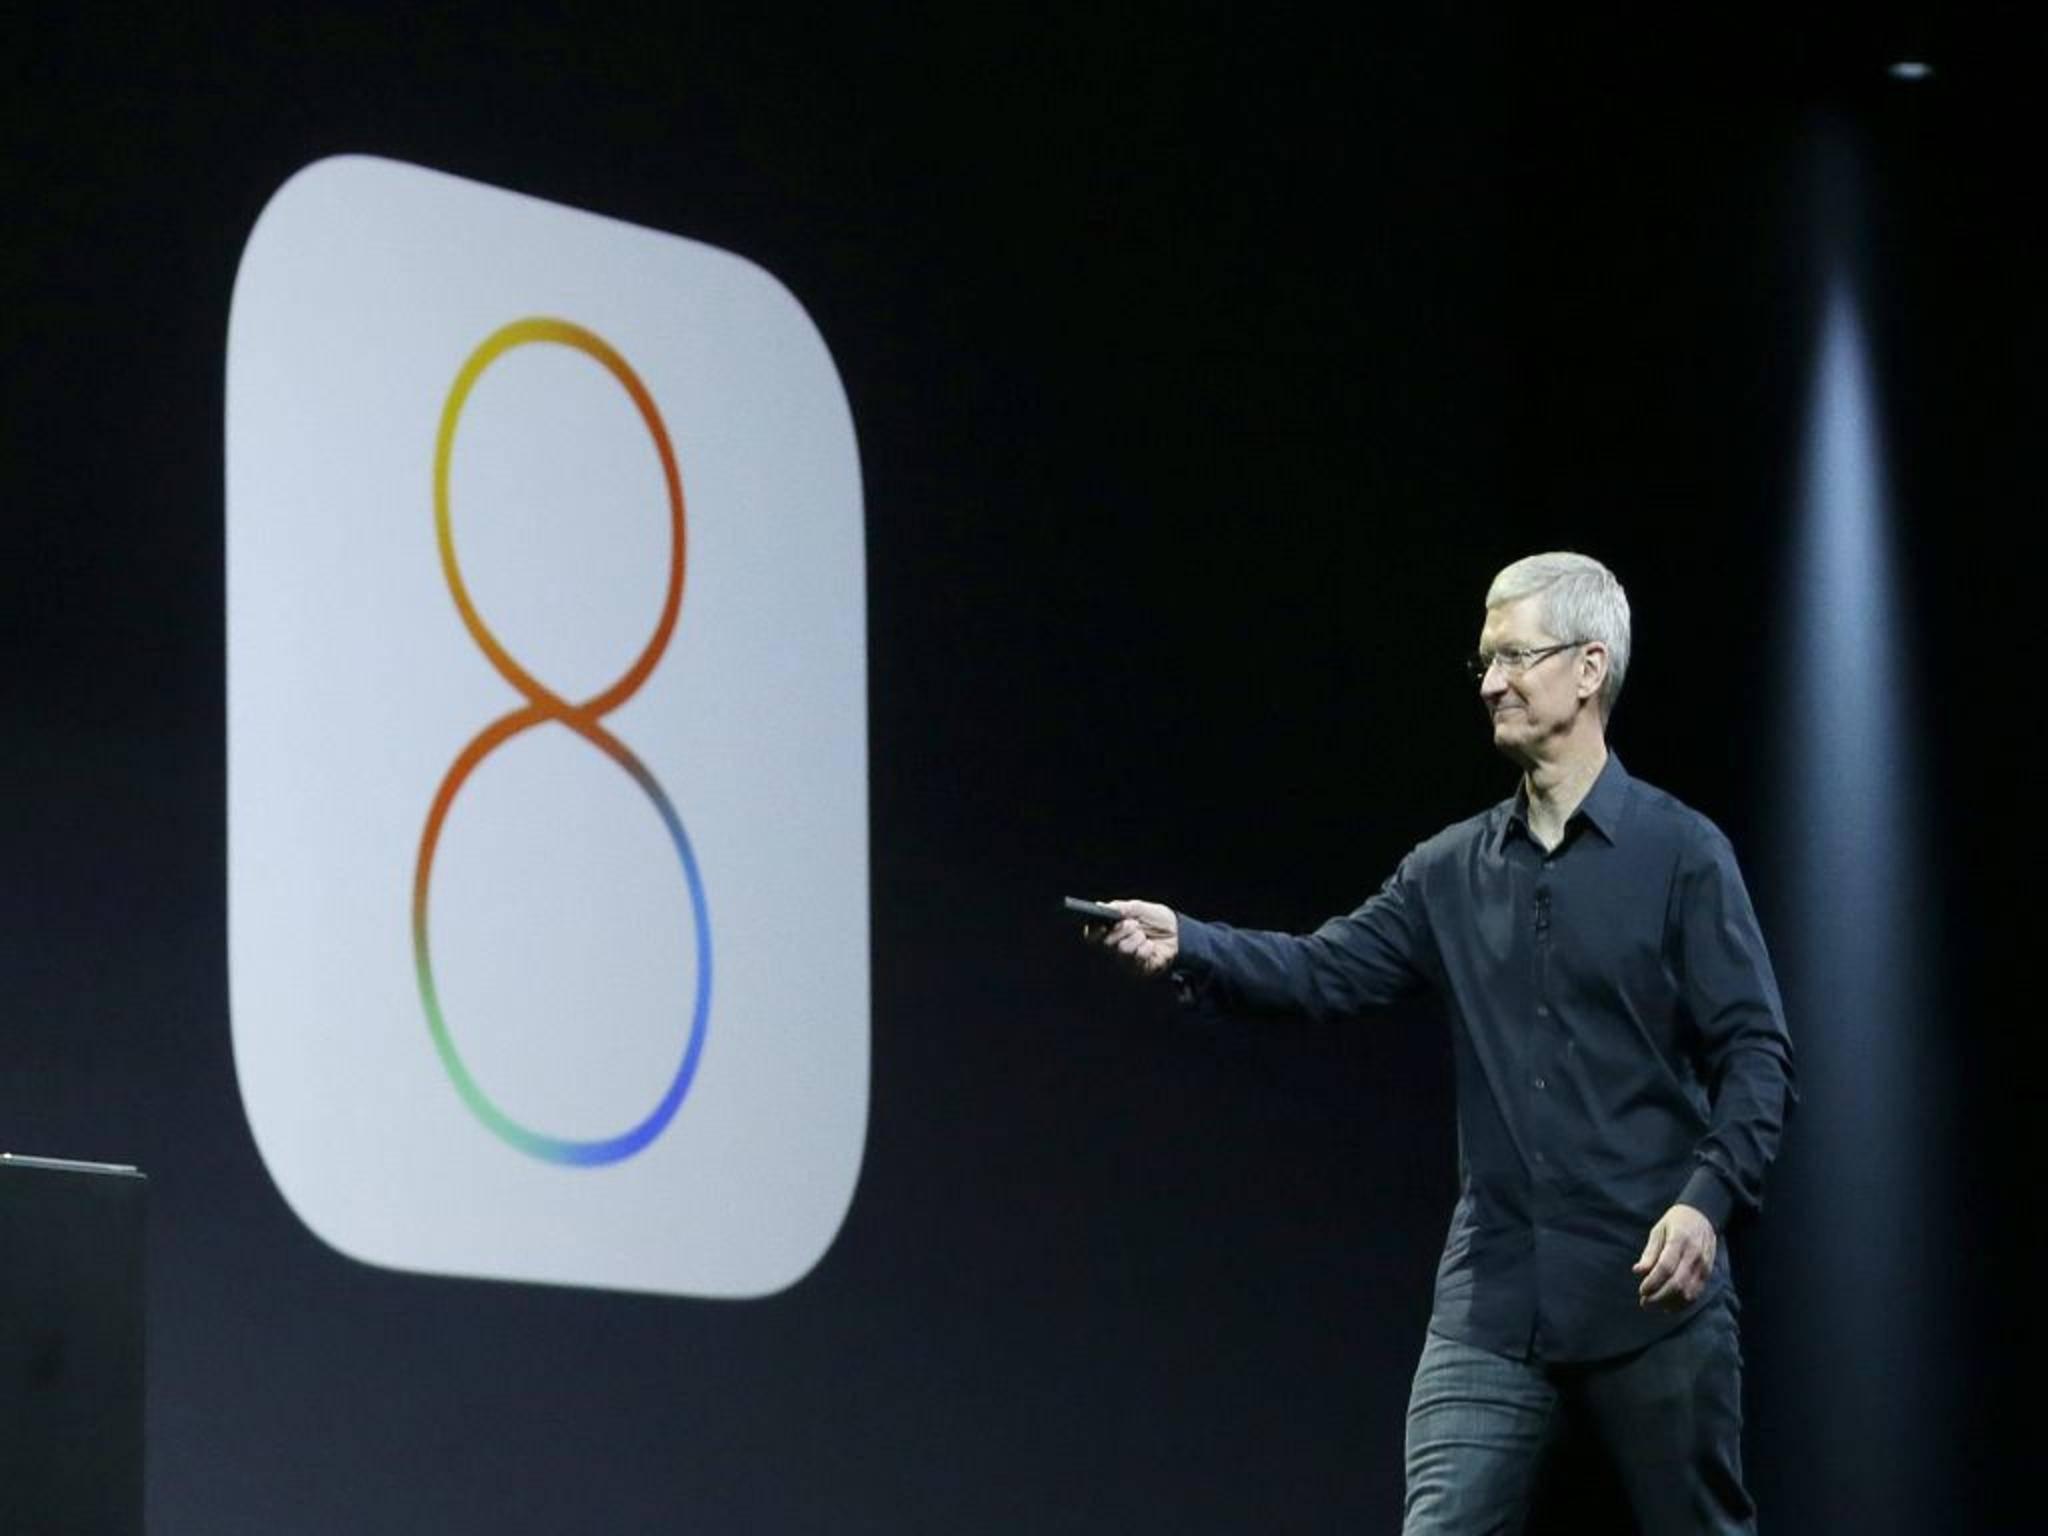 Apple hat sich bei einem Jailbreak-Team für die Entdeckung von Sicherheitslücken bedankt.